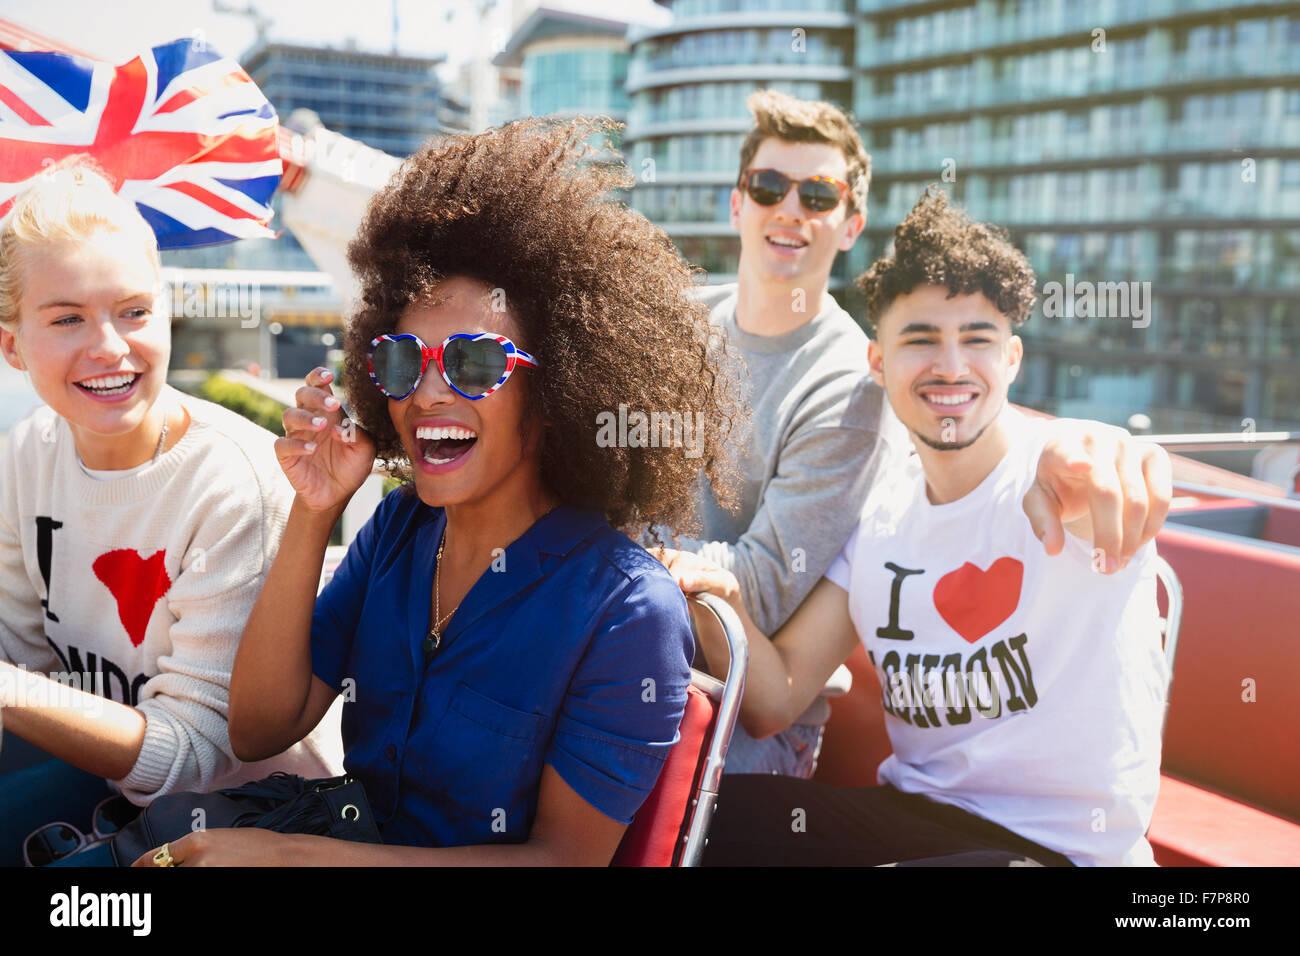 Porträt begeisterte Freunde mit britischer Flagge fahren Doppeldecker-bus Stockbild